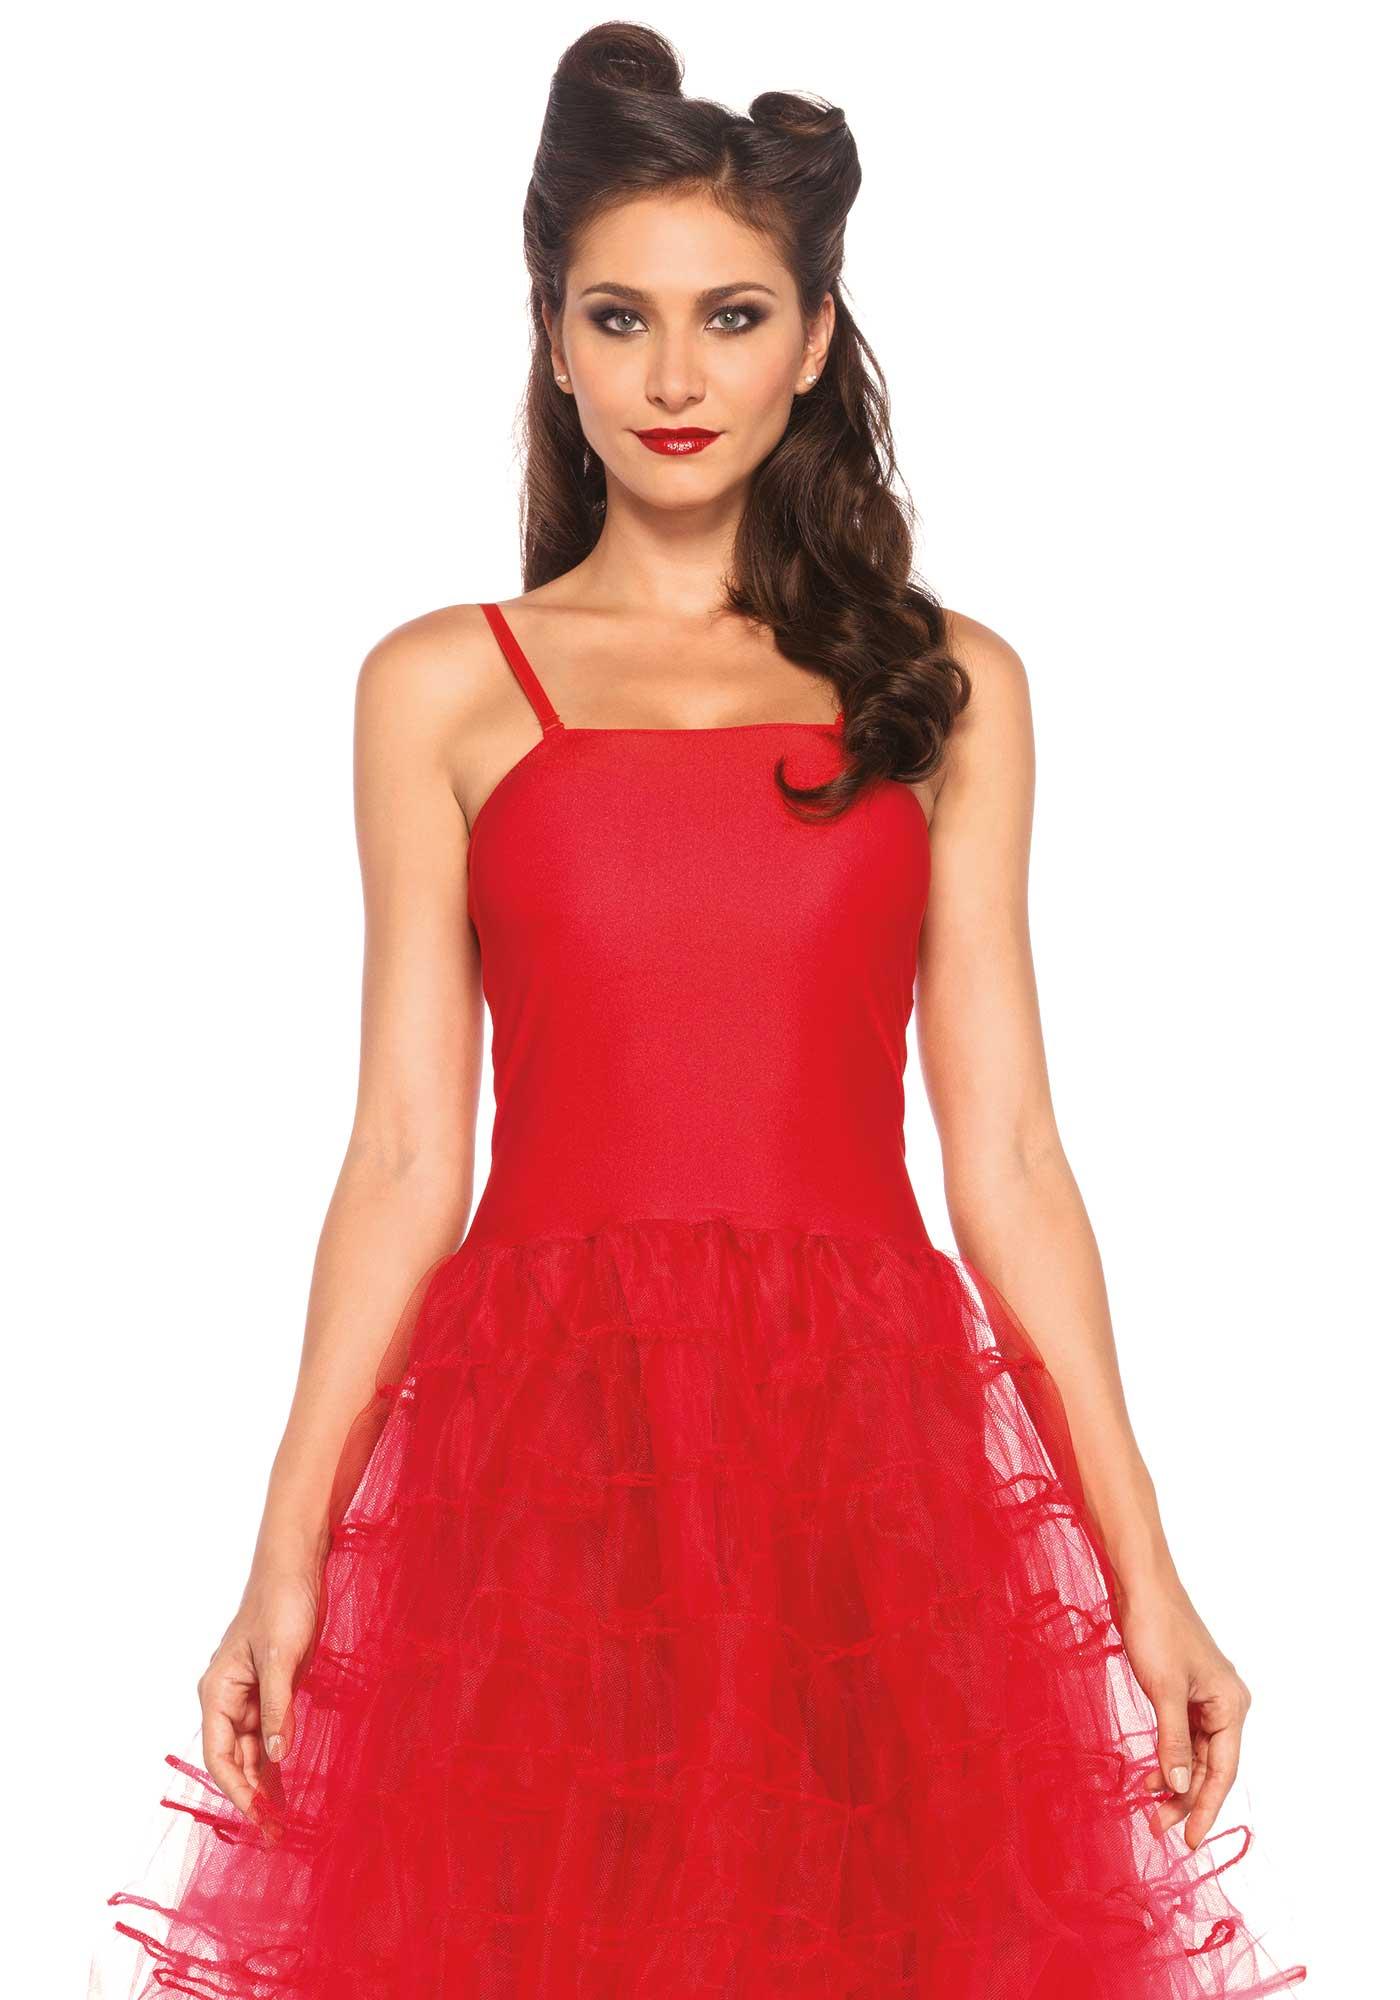 d guisement robe rouge ann es 50 femme deguise toi achat de d guisements adultes. Black Bedroom Furniture Sets. Home Design Ideas